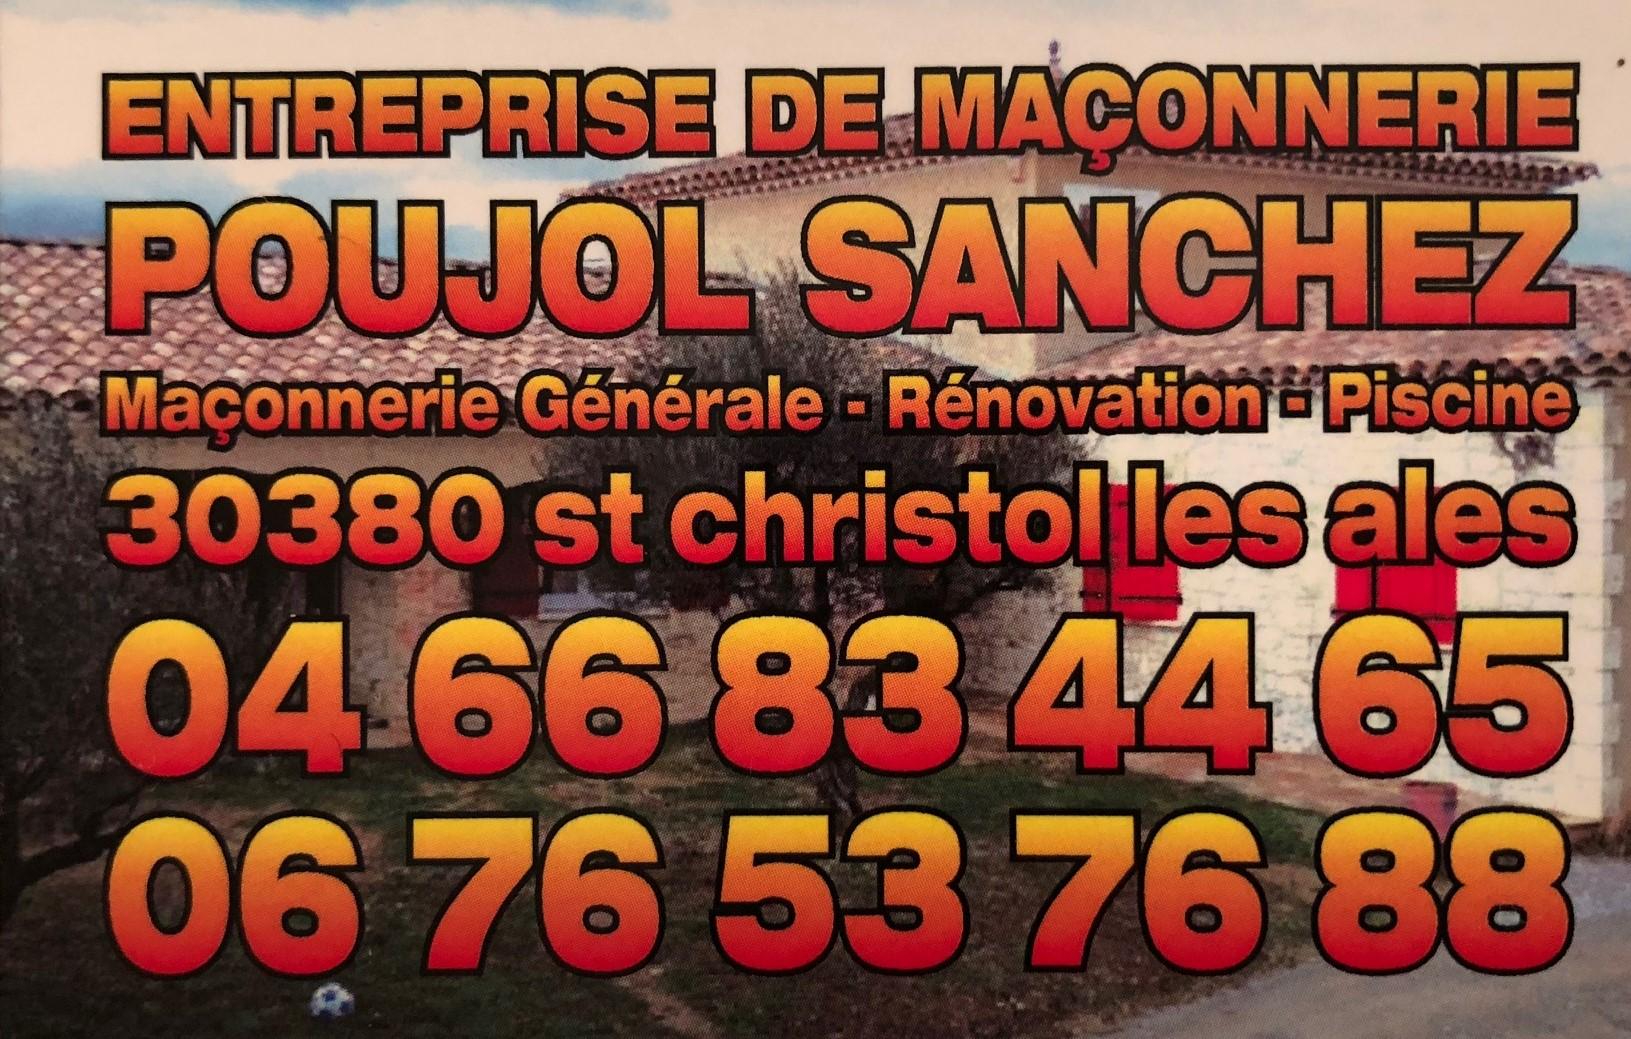 Maçonnerie Poujol Sanchez